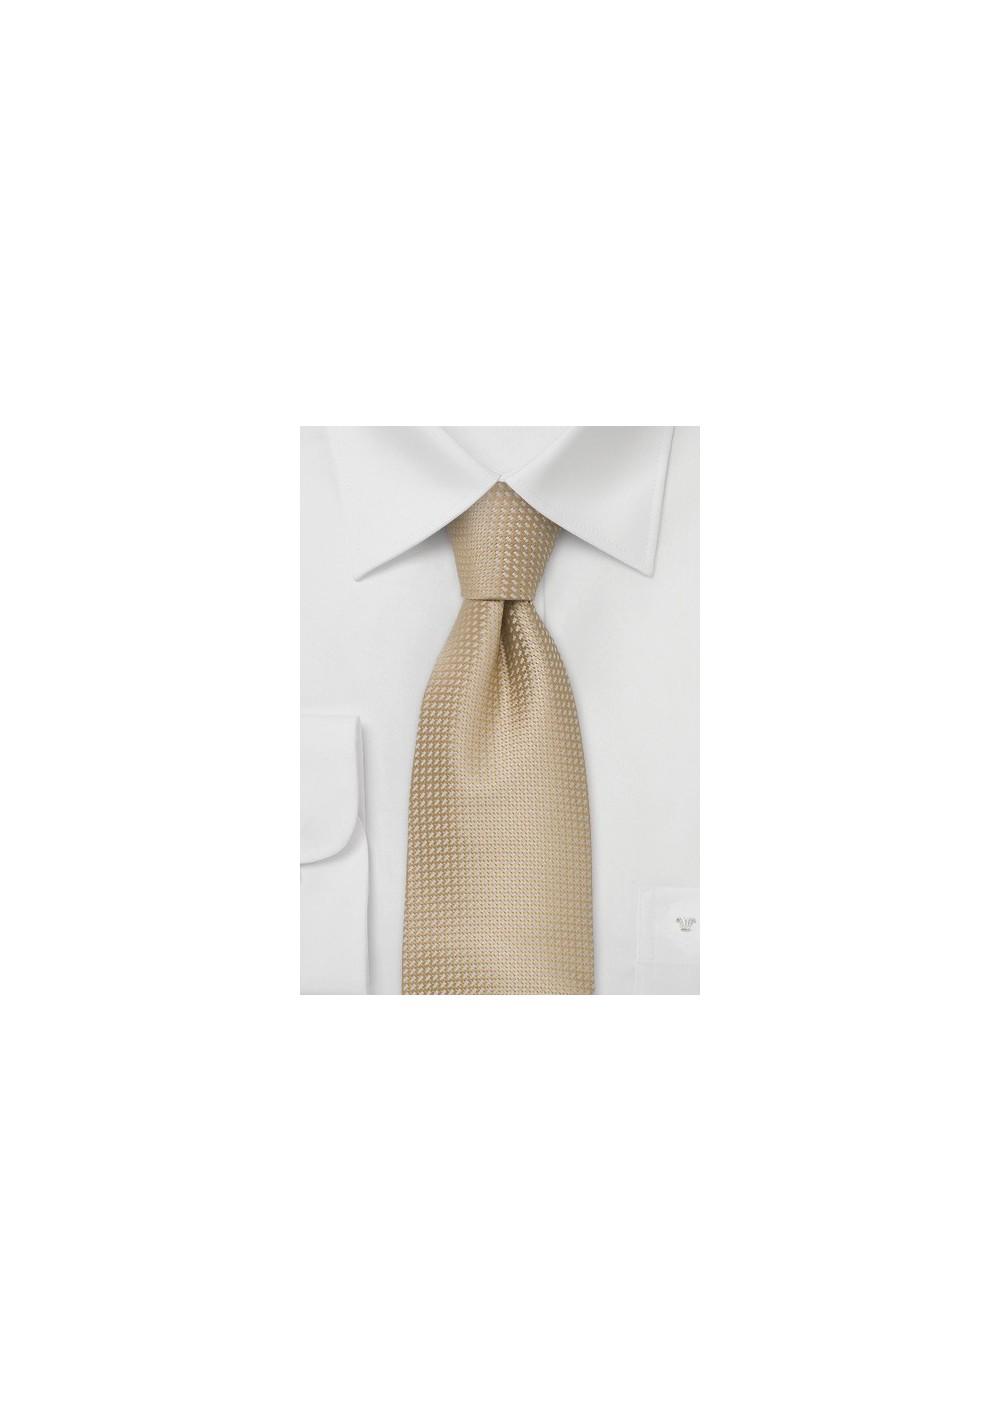 Extra Long Ties - XL silk tie in light cream-tan color